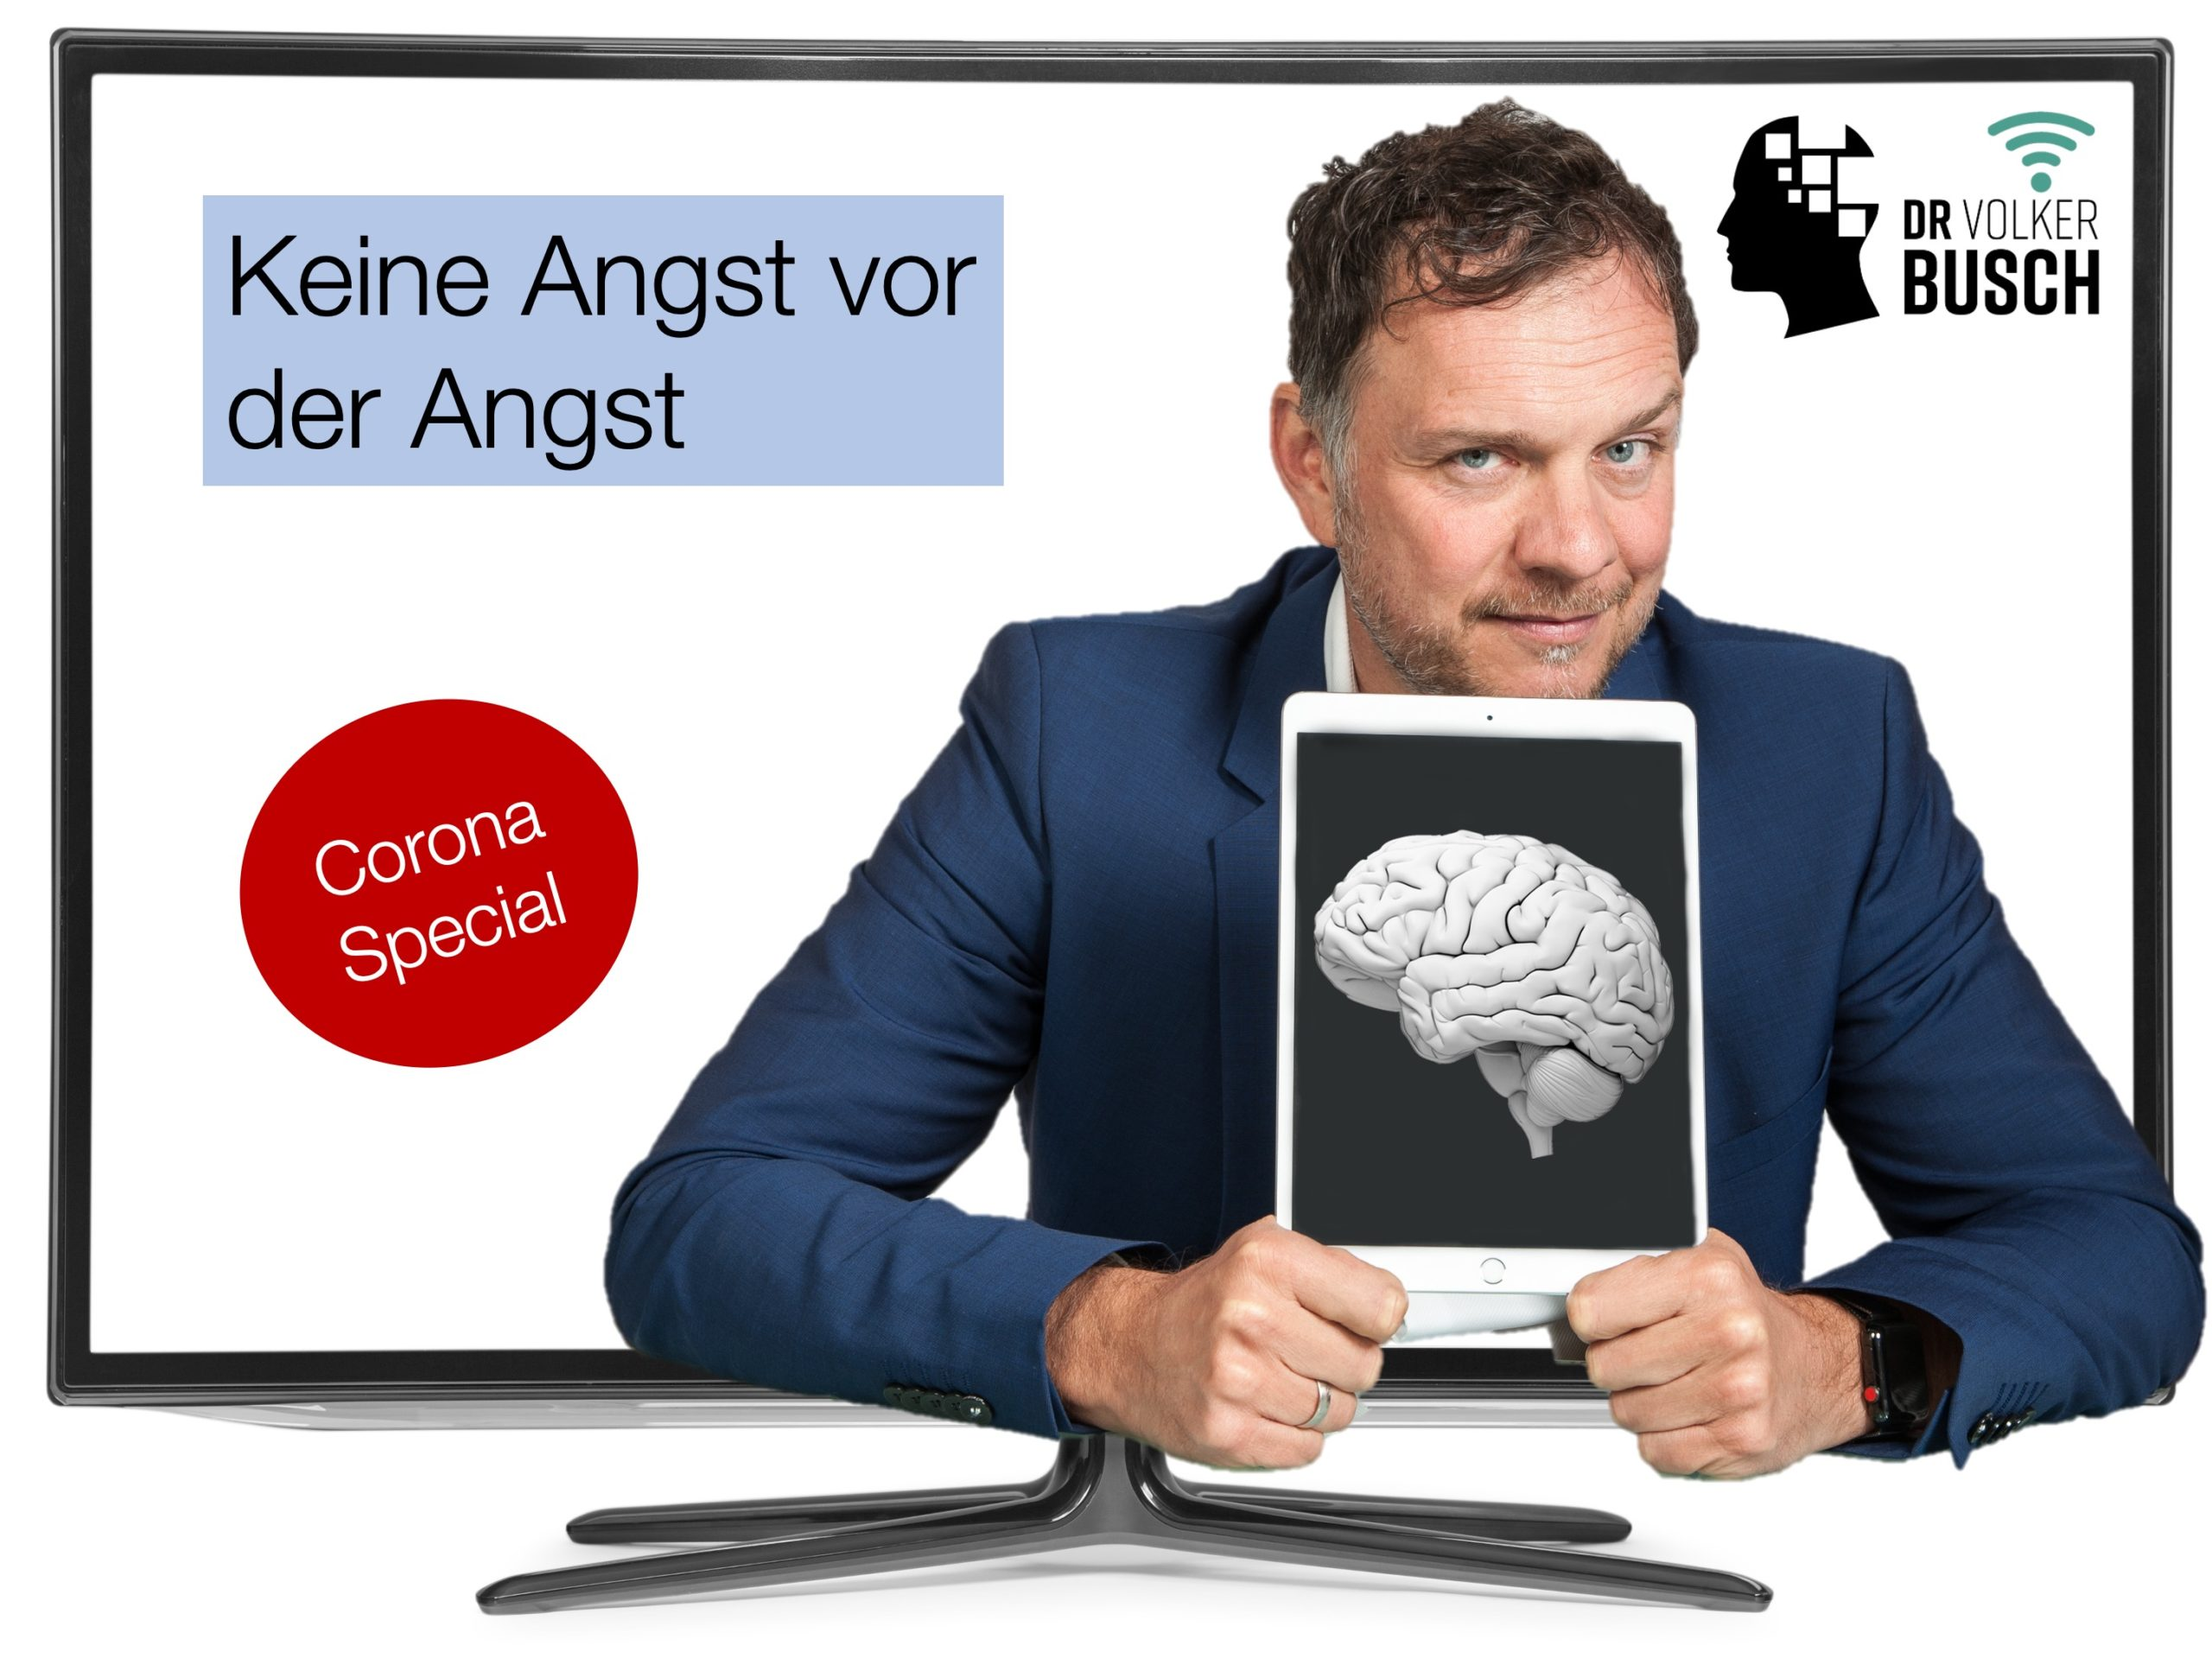 Corona Special: Keine Angst vor der Angst - Dr. Volker Busch